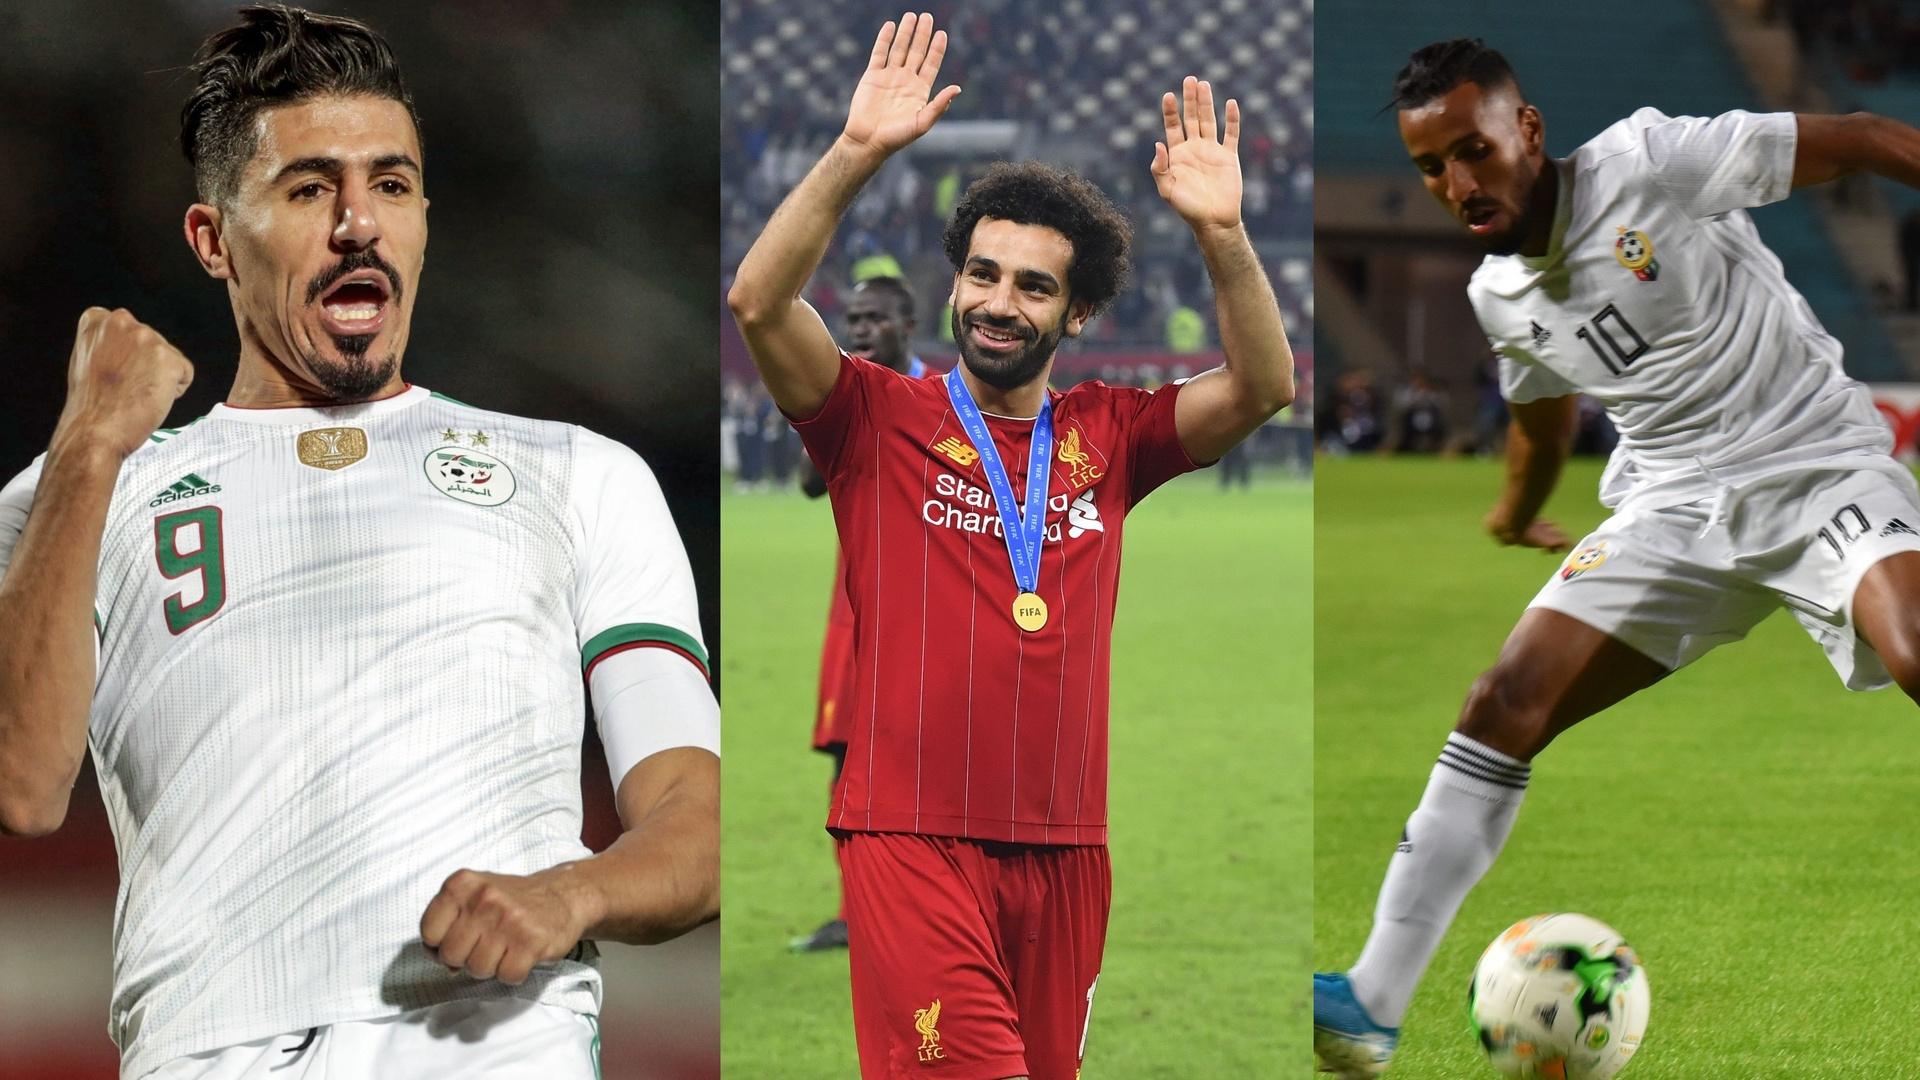 النجوم العرب يسيطرون على الجوائز الفردية في كأس العالم للأندية